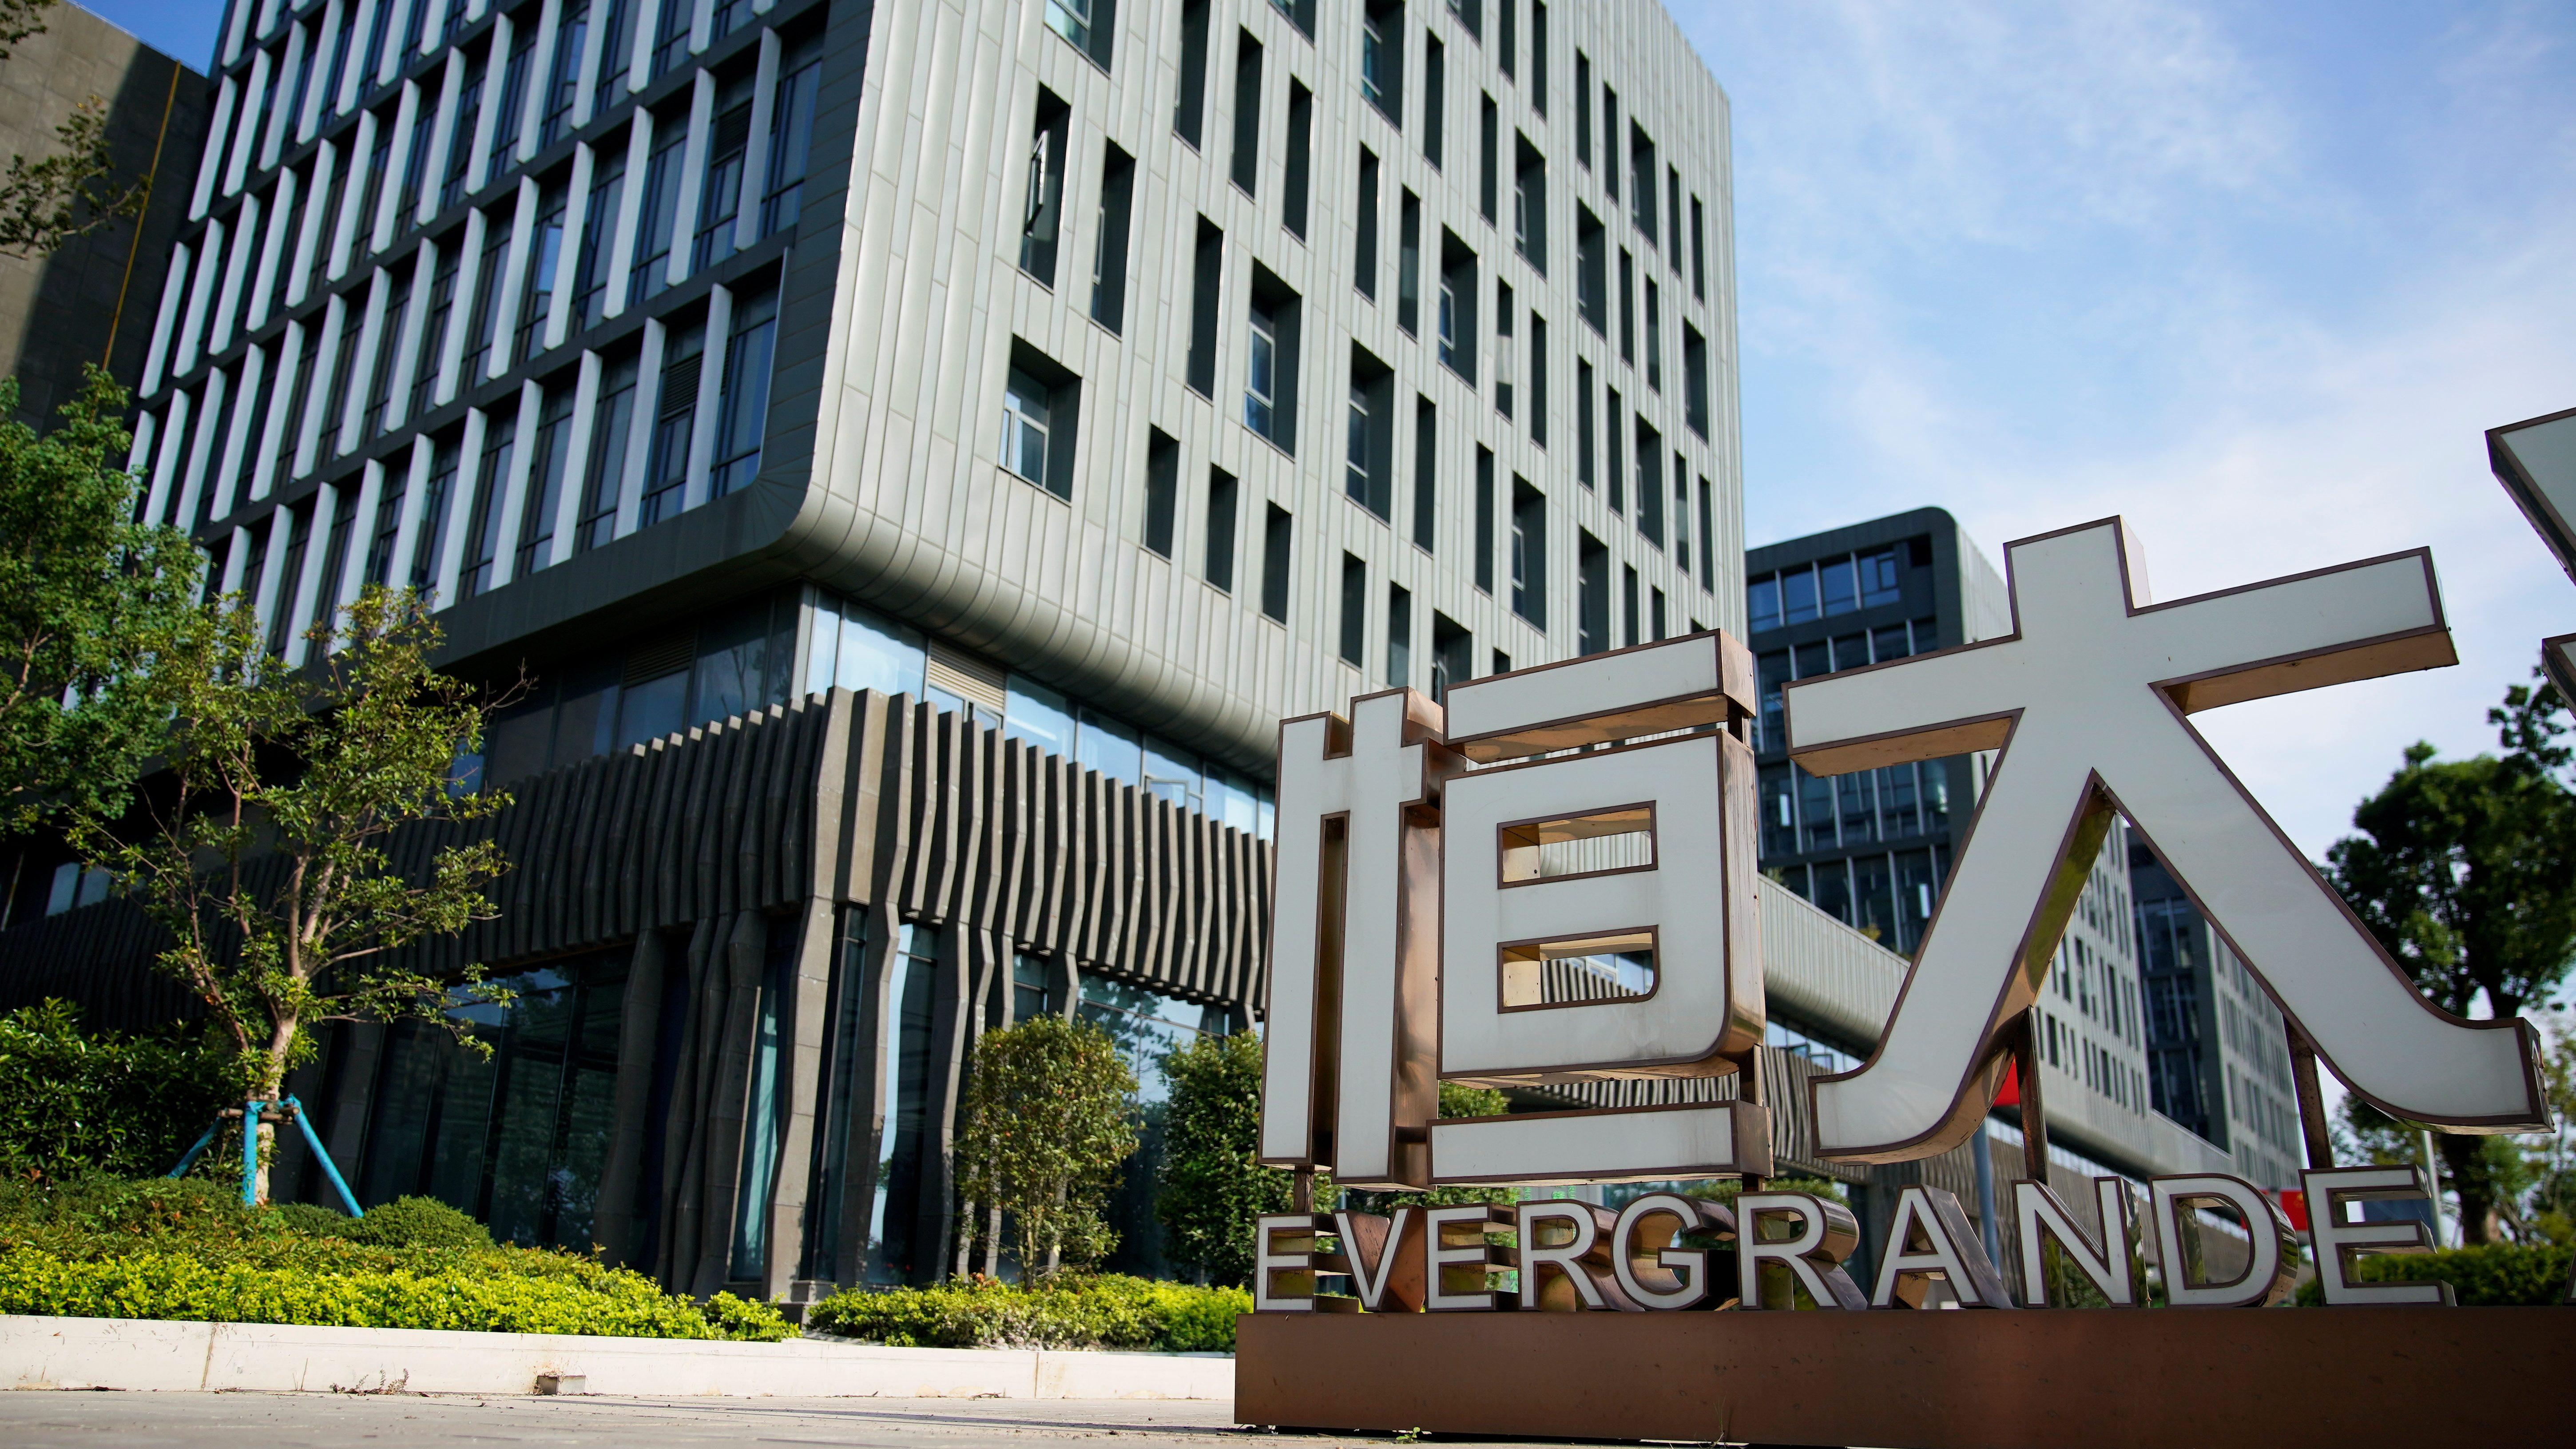 Evergrande Automotive R&D Institute Headquarters in Shanghai